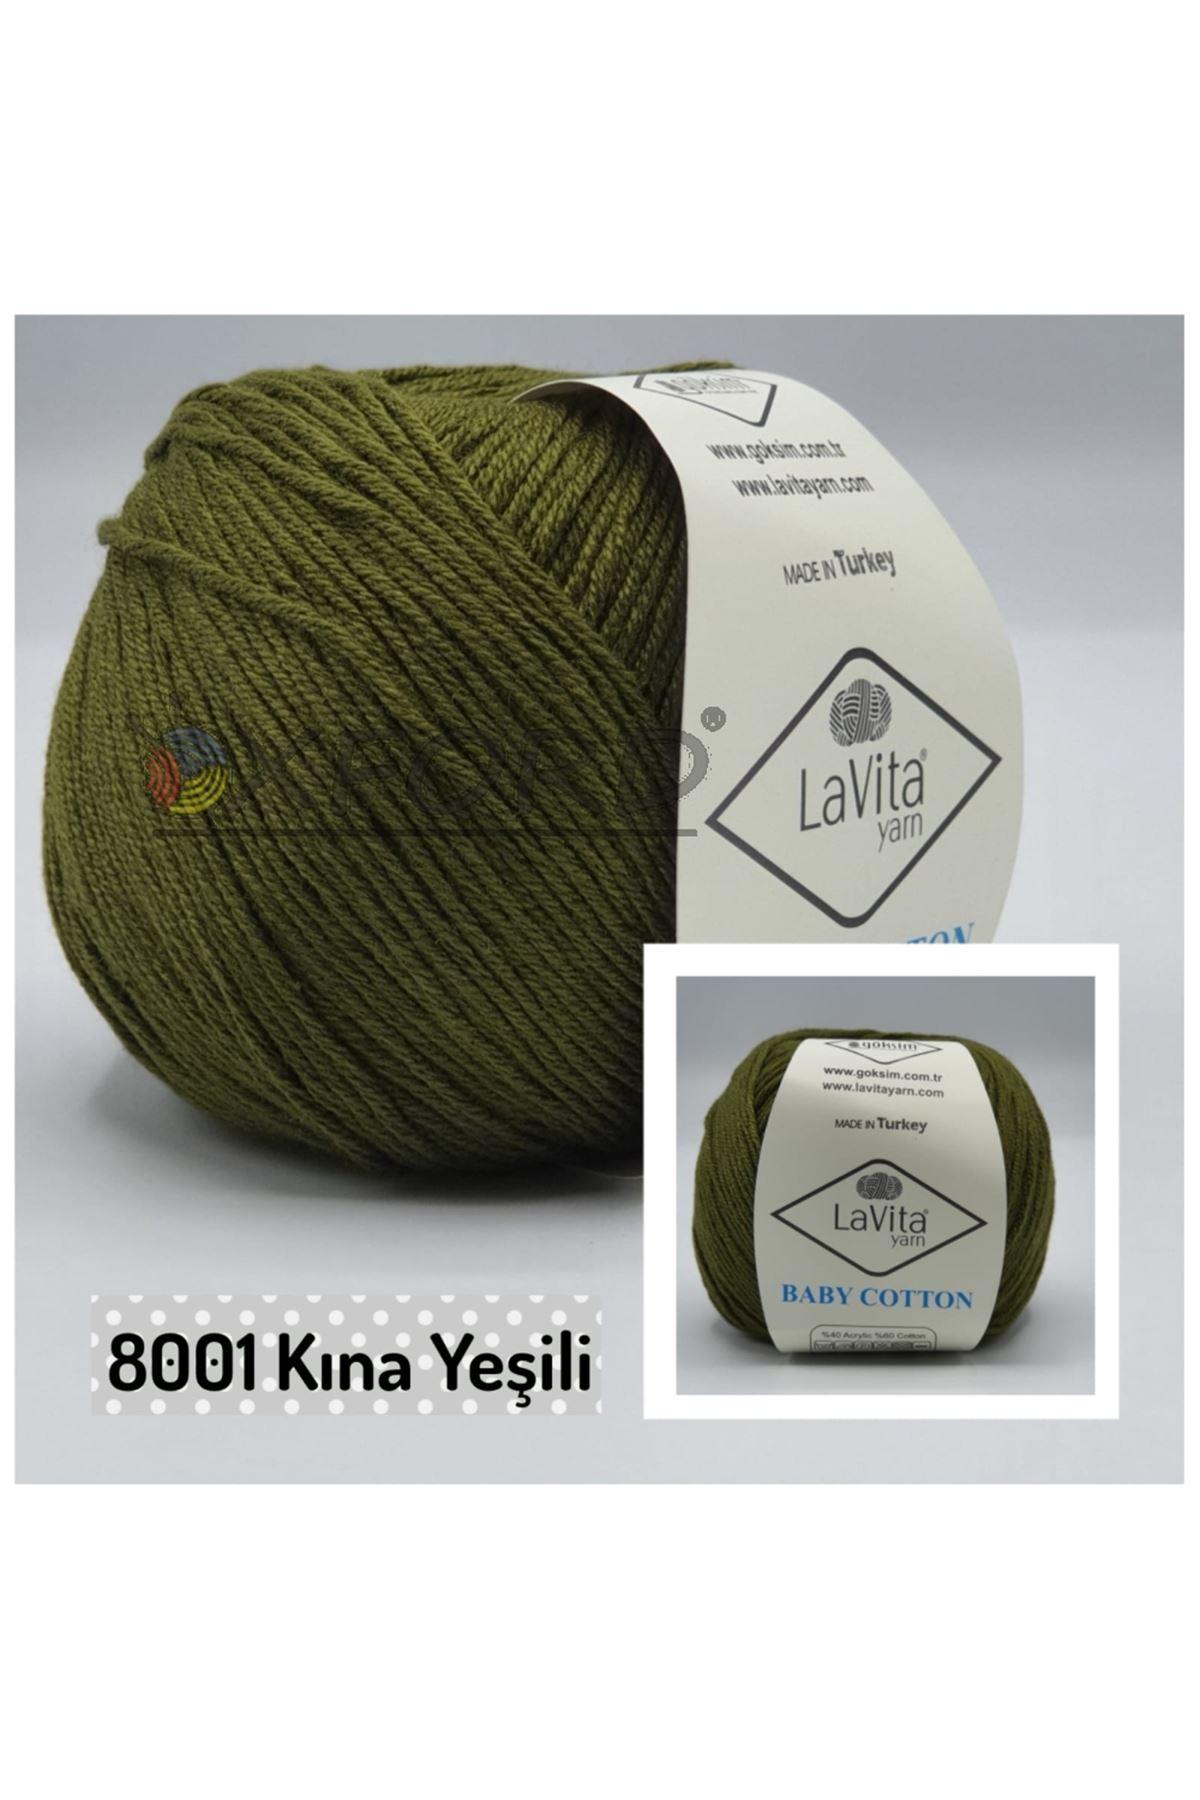 Lavita Baby Cotton 8001 Kına Yeşili